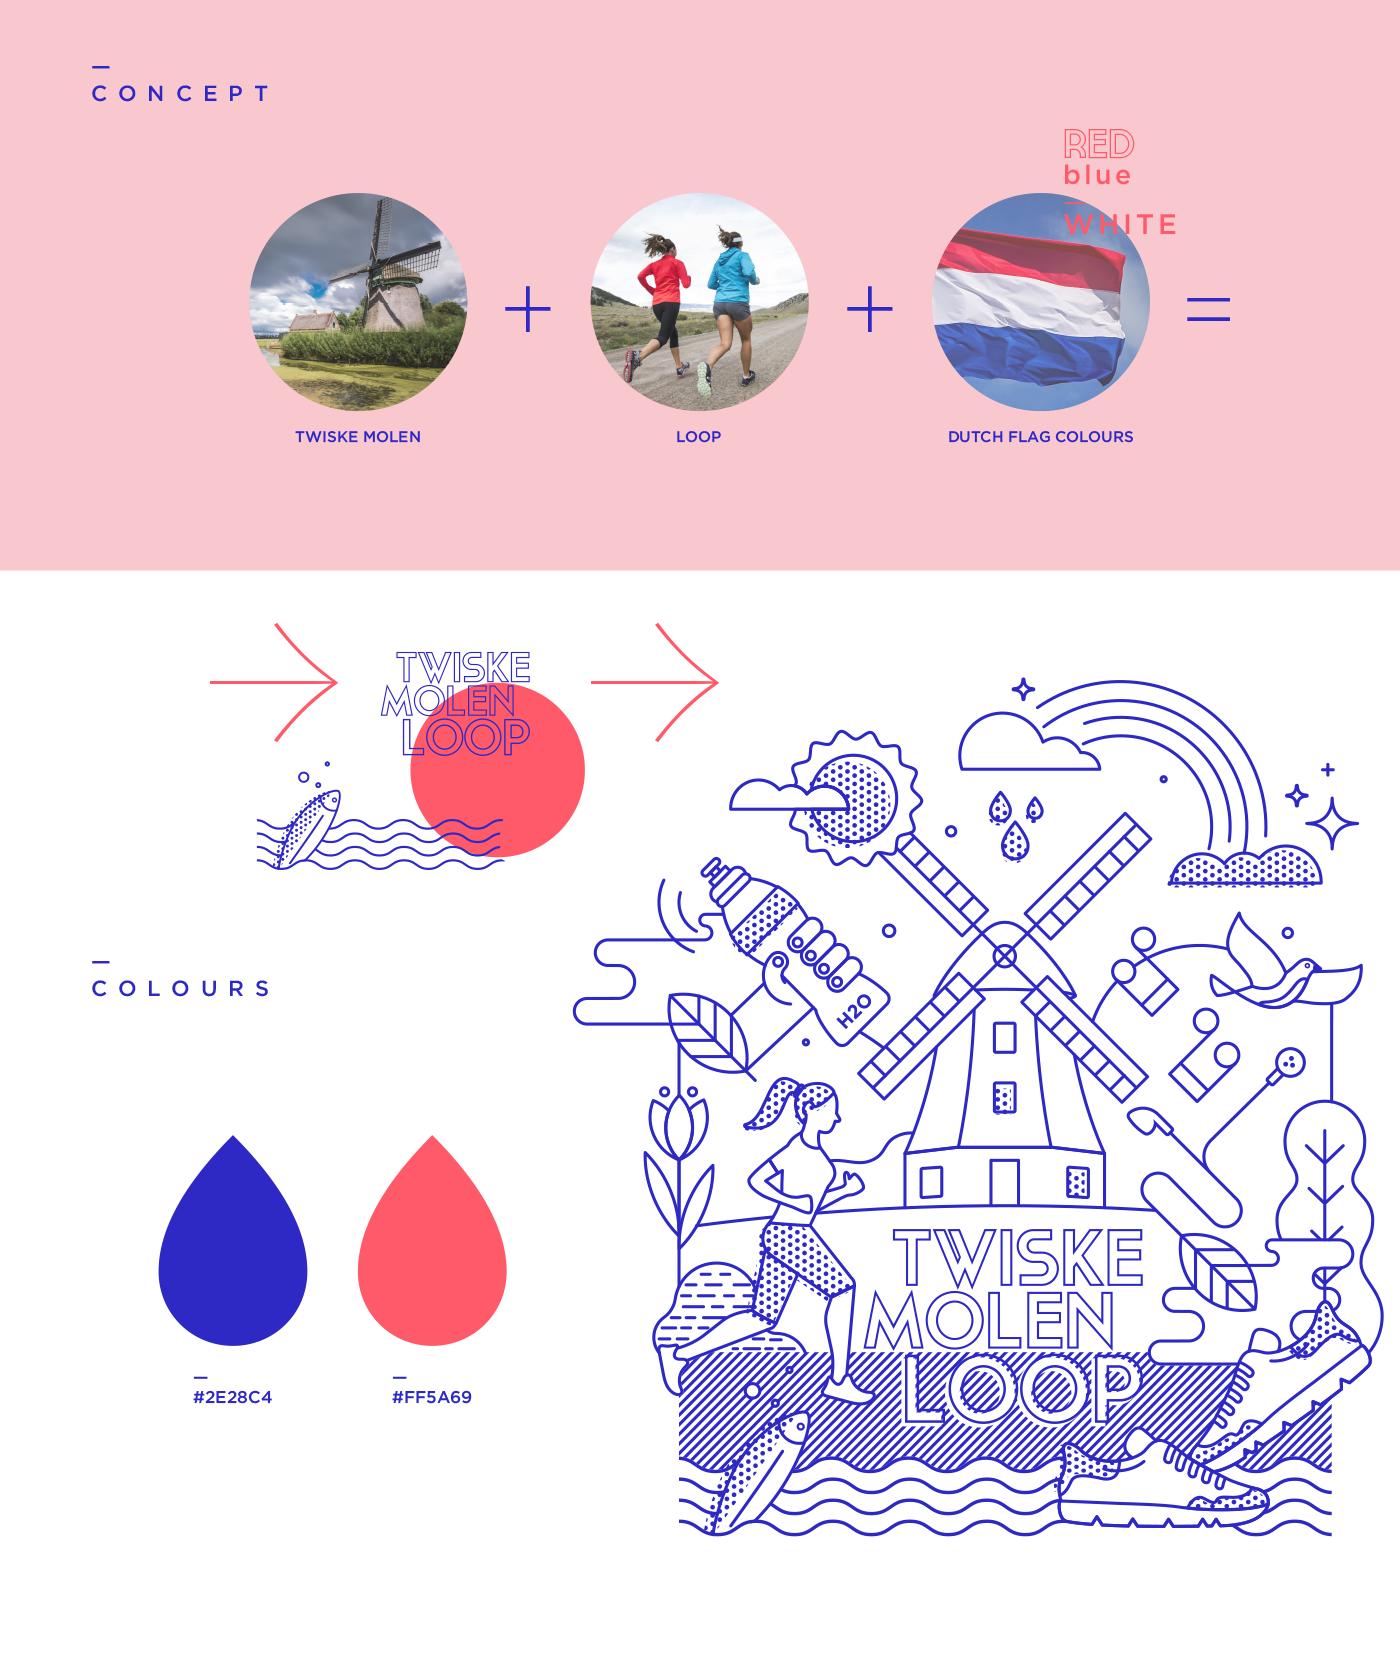 Concept + Colour scheme